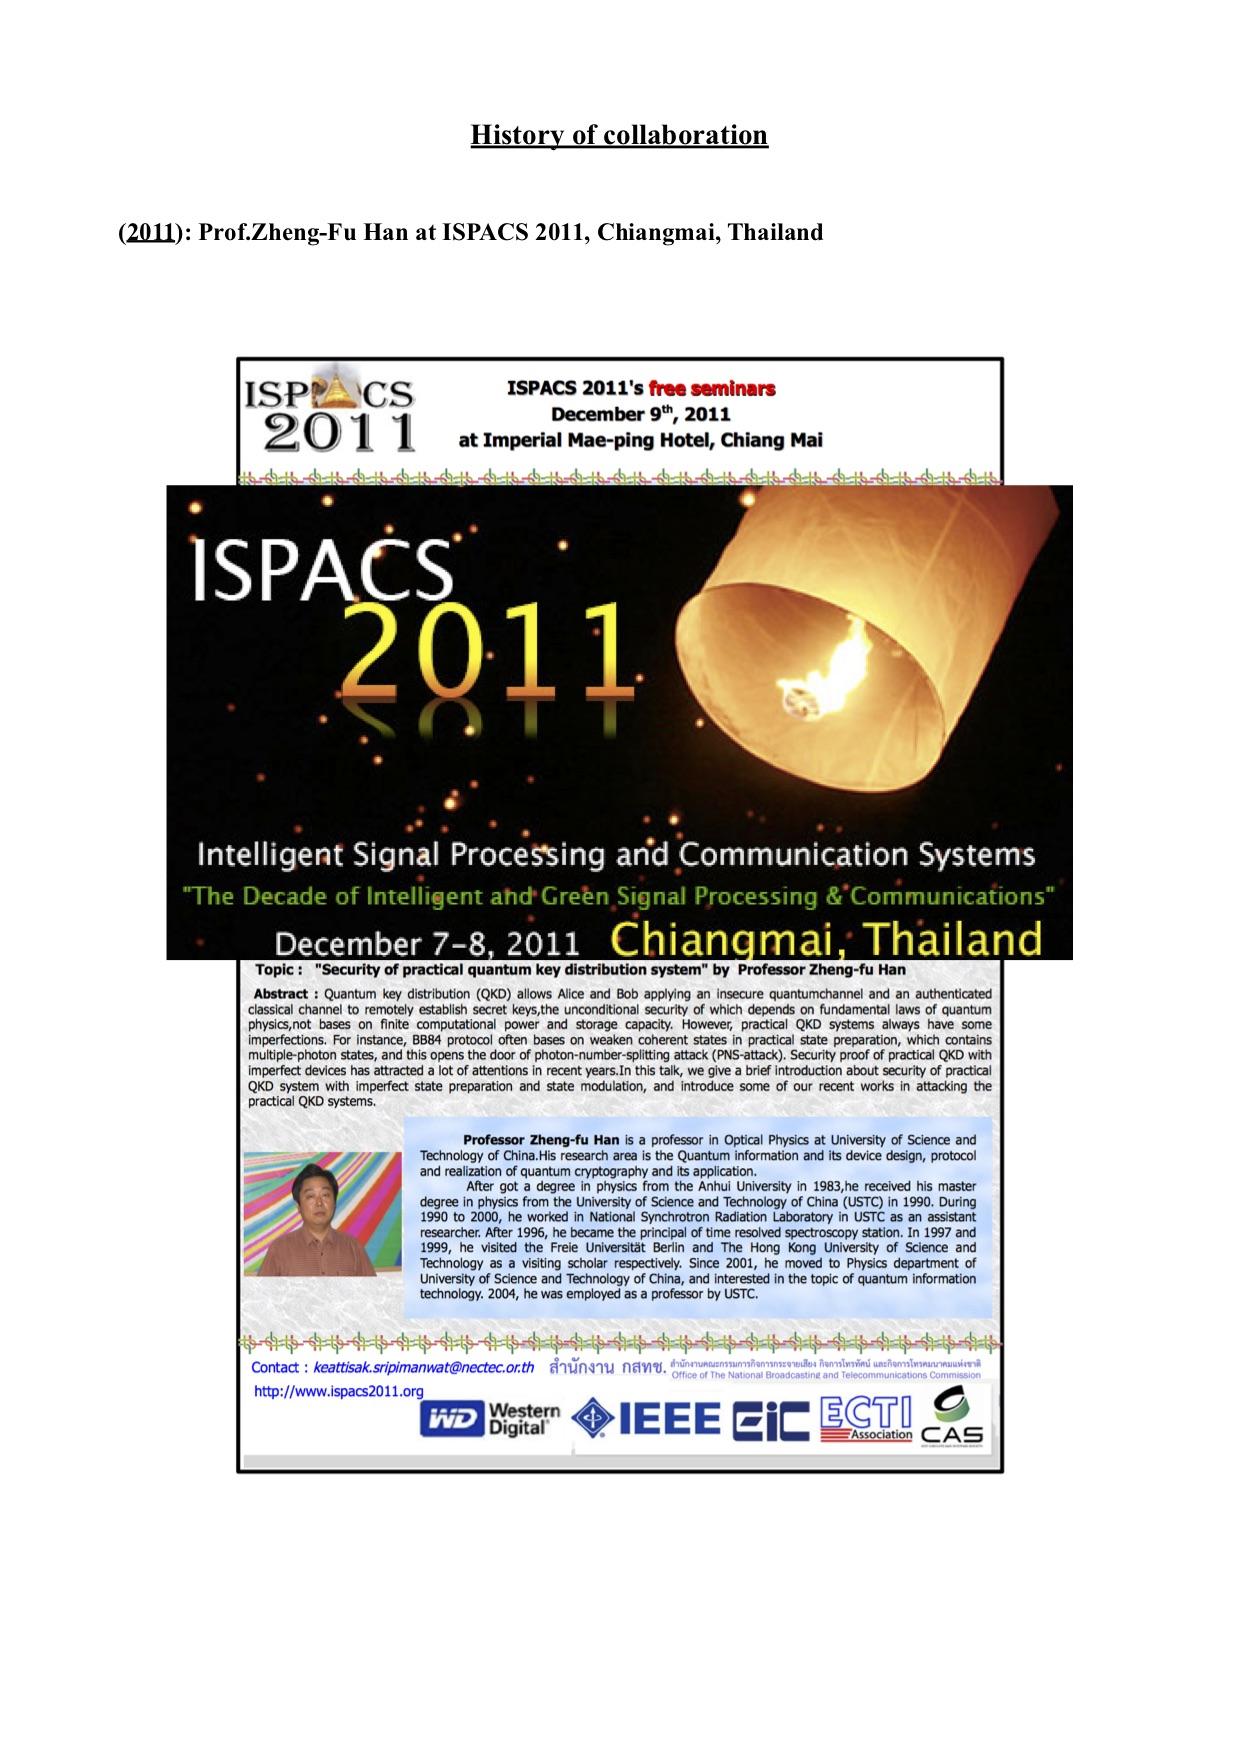 ISPACS 2011